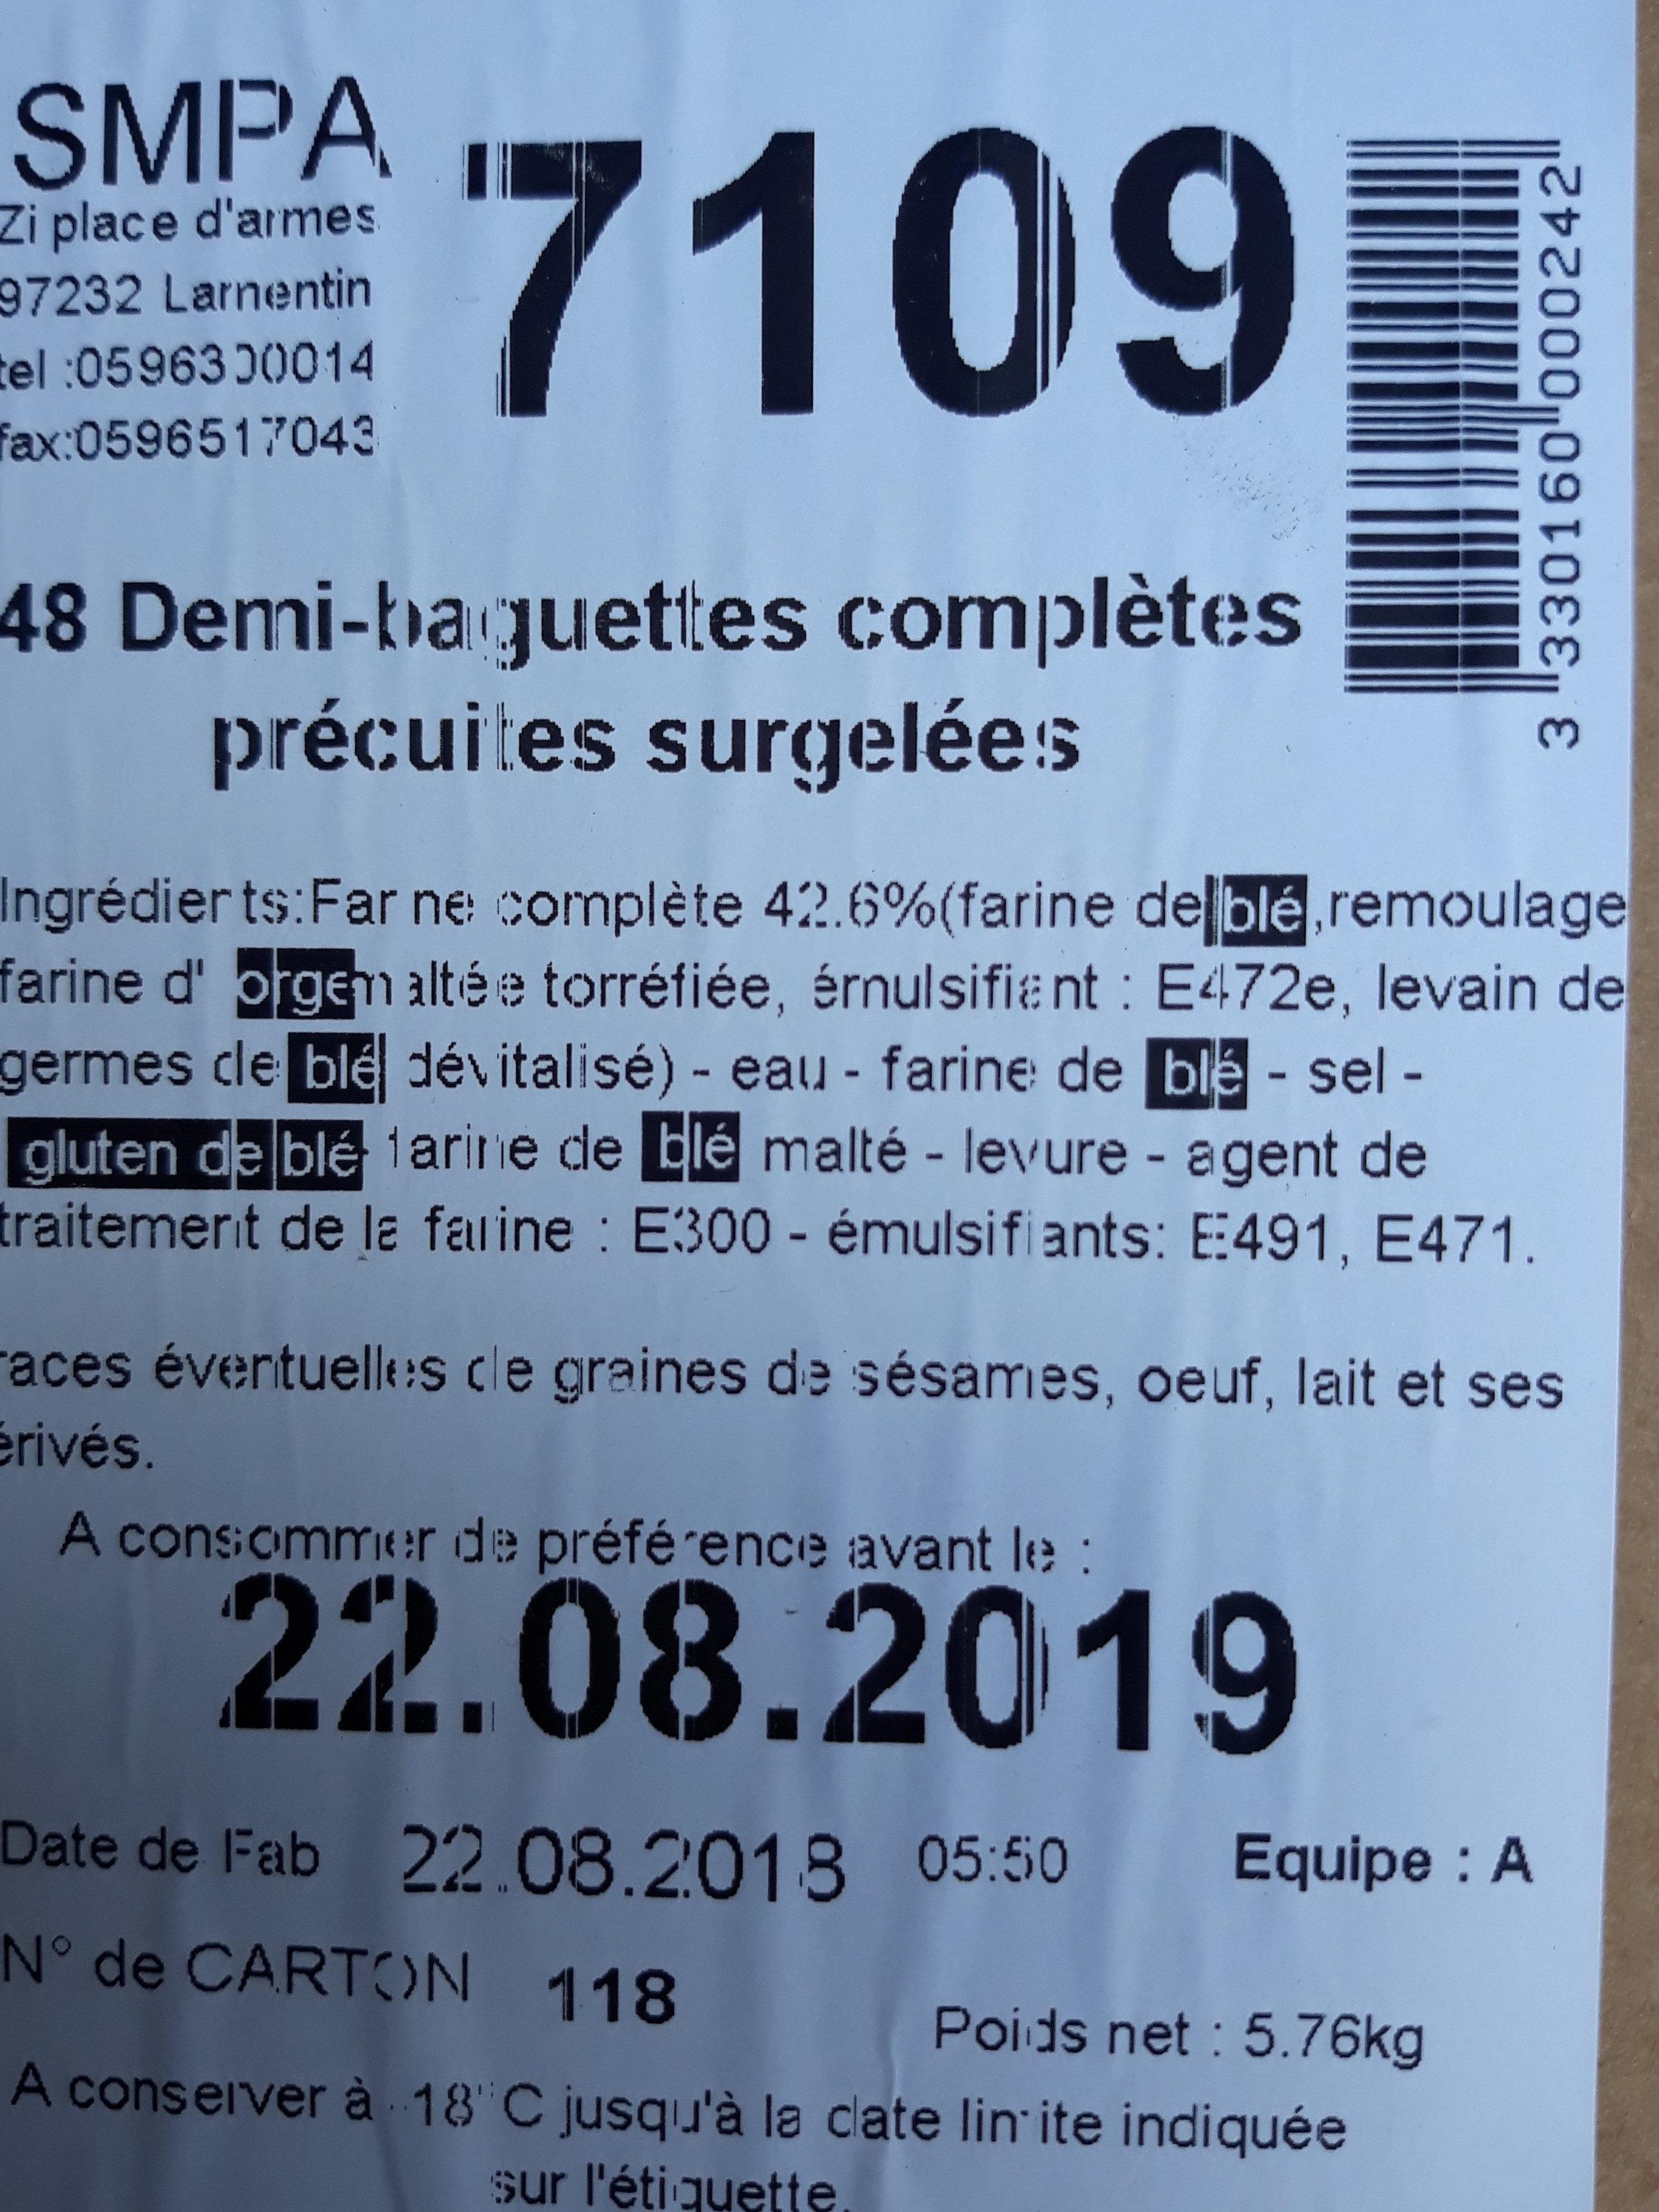 48 demi-baguette complètes précipités congelées - Ingrédients - fr